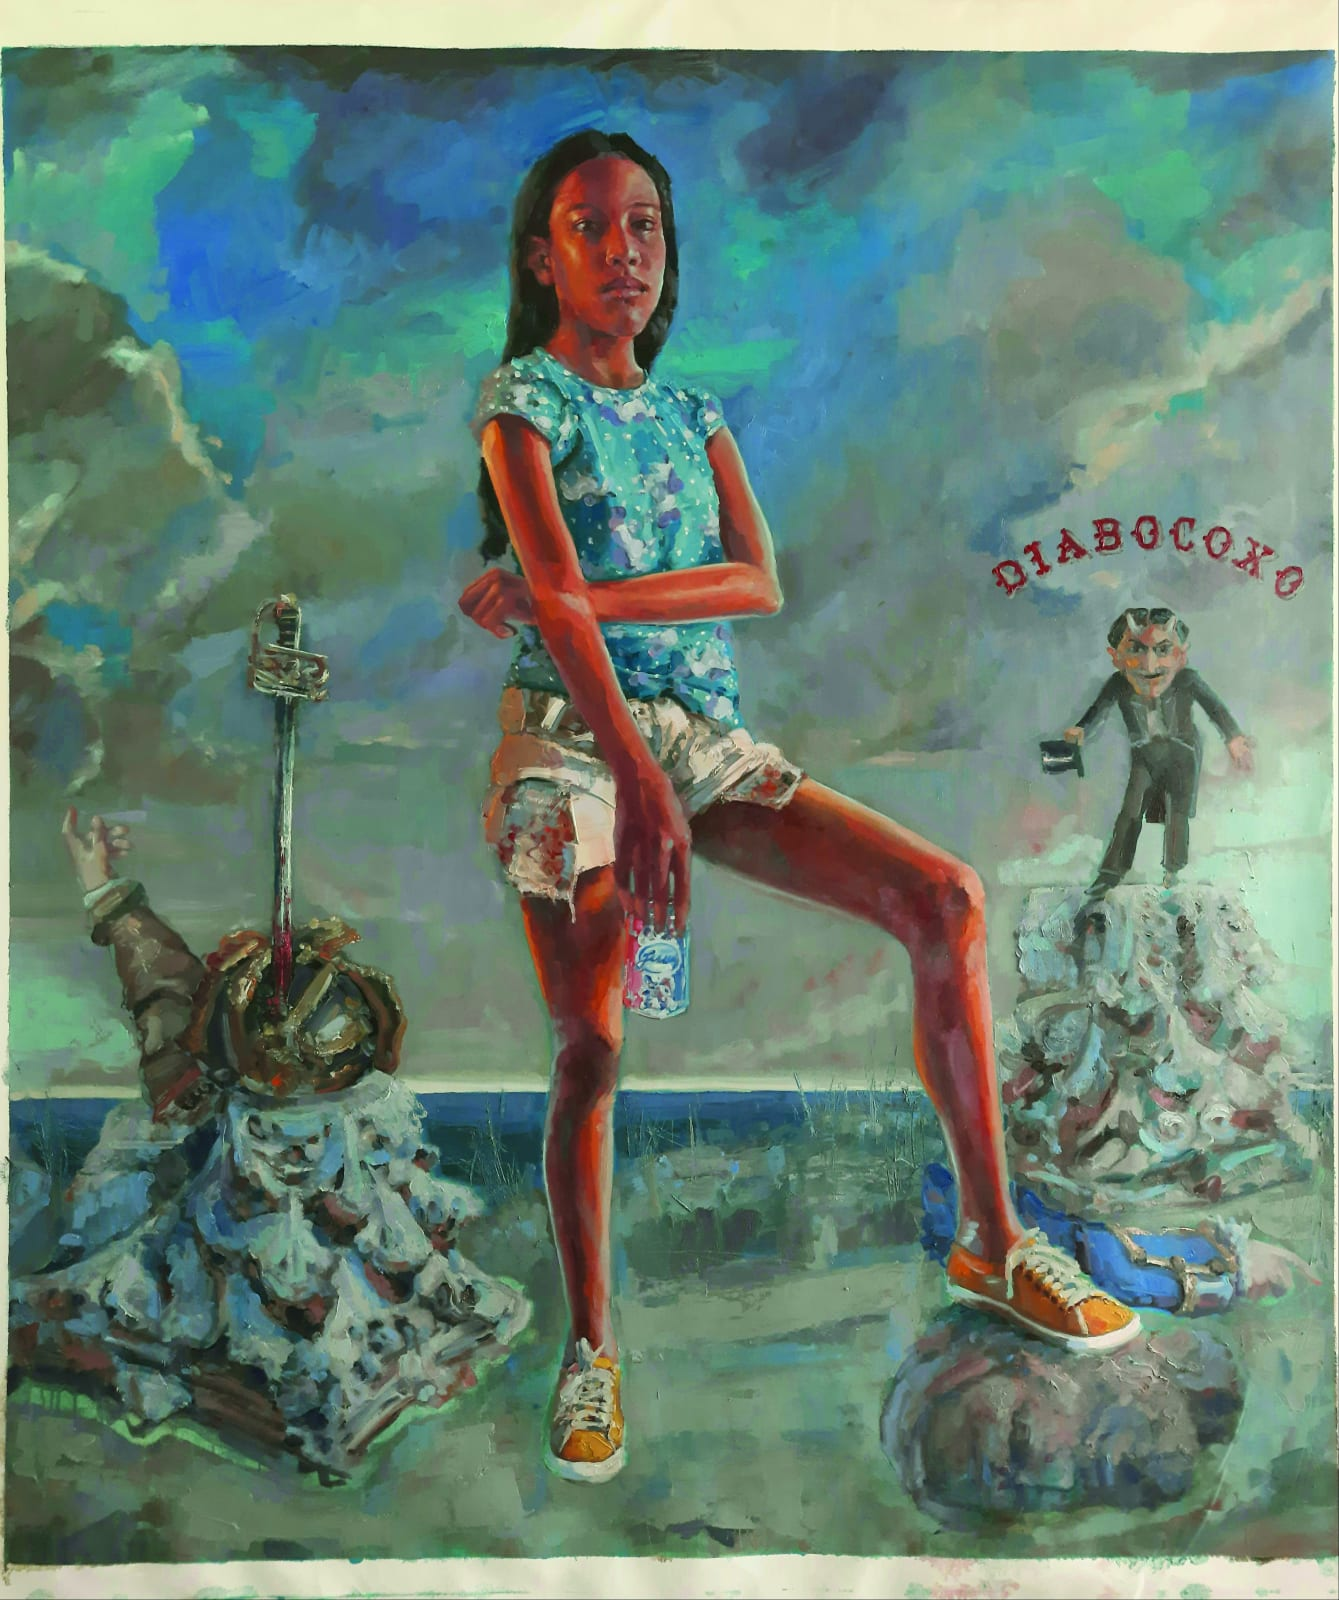 Thiago Fonseca Ana e cabeça de Anhanguera, para Luiz Gama e Angelo Agostini (2020) óleo sobre tela 155 x 136 cm